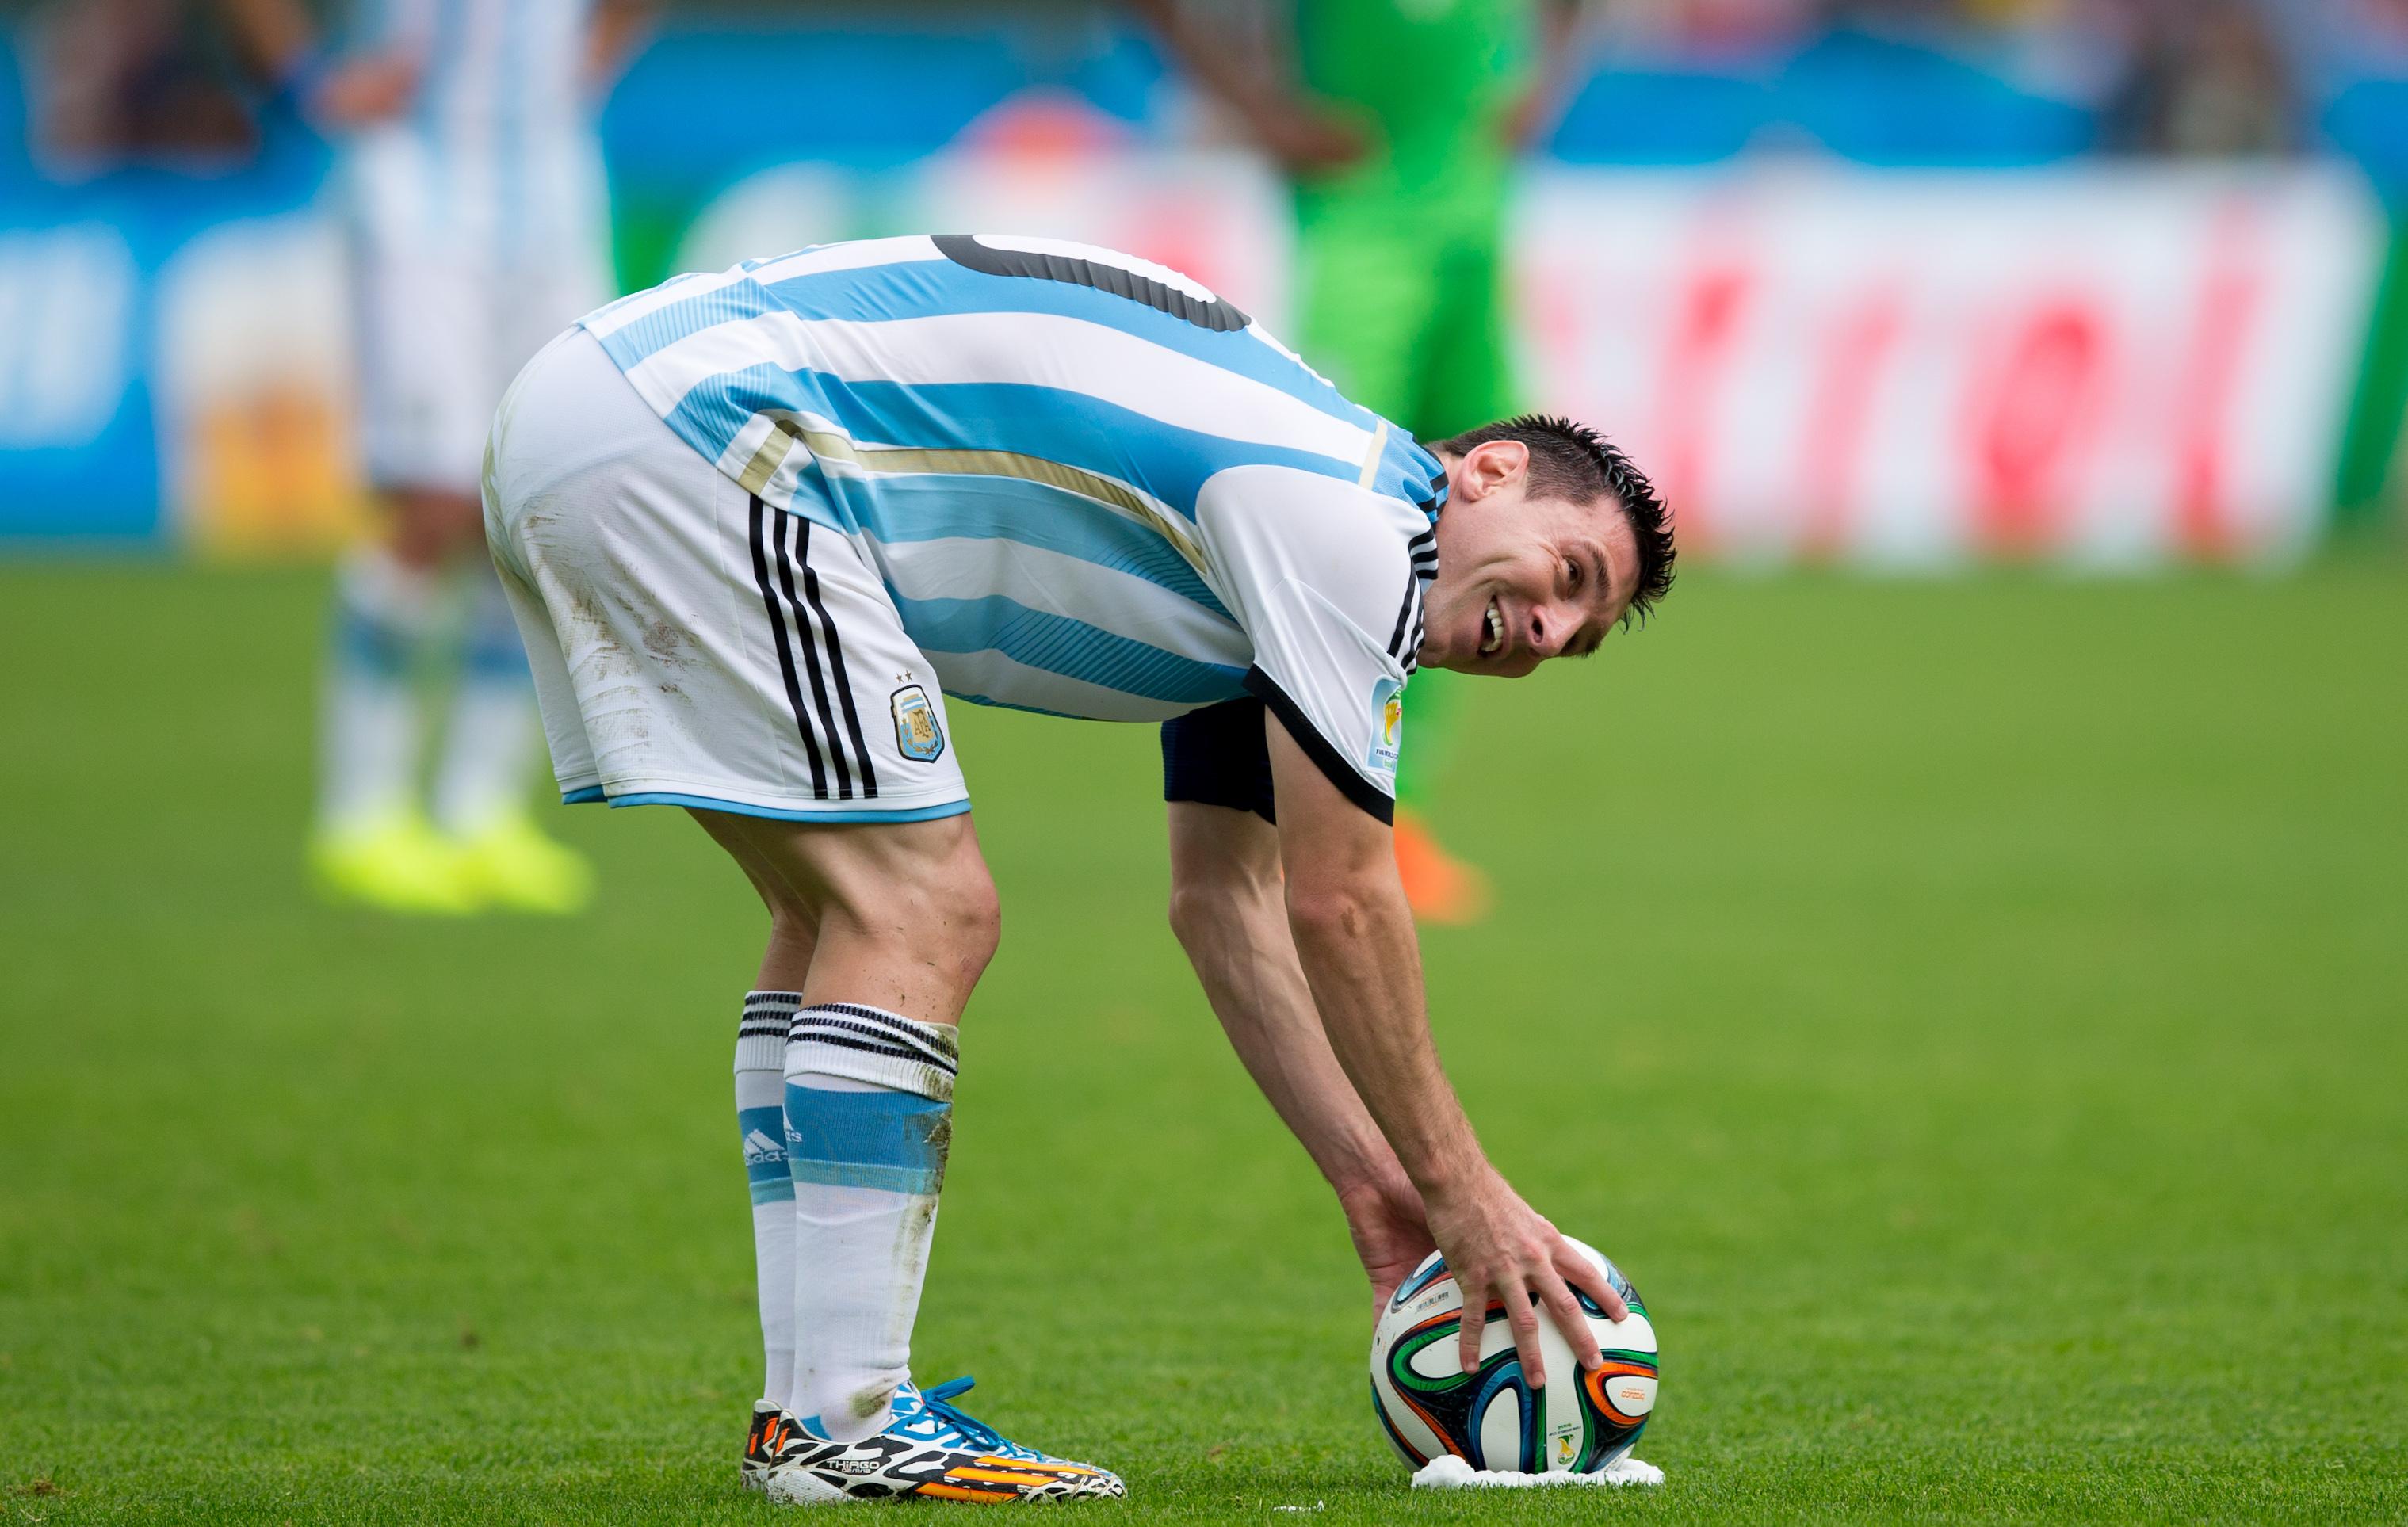 L argentine doit sortir de la messi d pendance 2014 br sil coupe du monde football - Equipe argentine coupe du monde 2014 ...